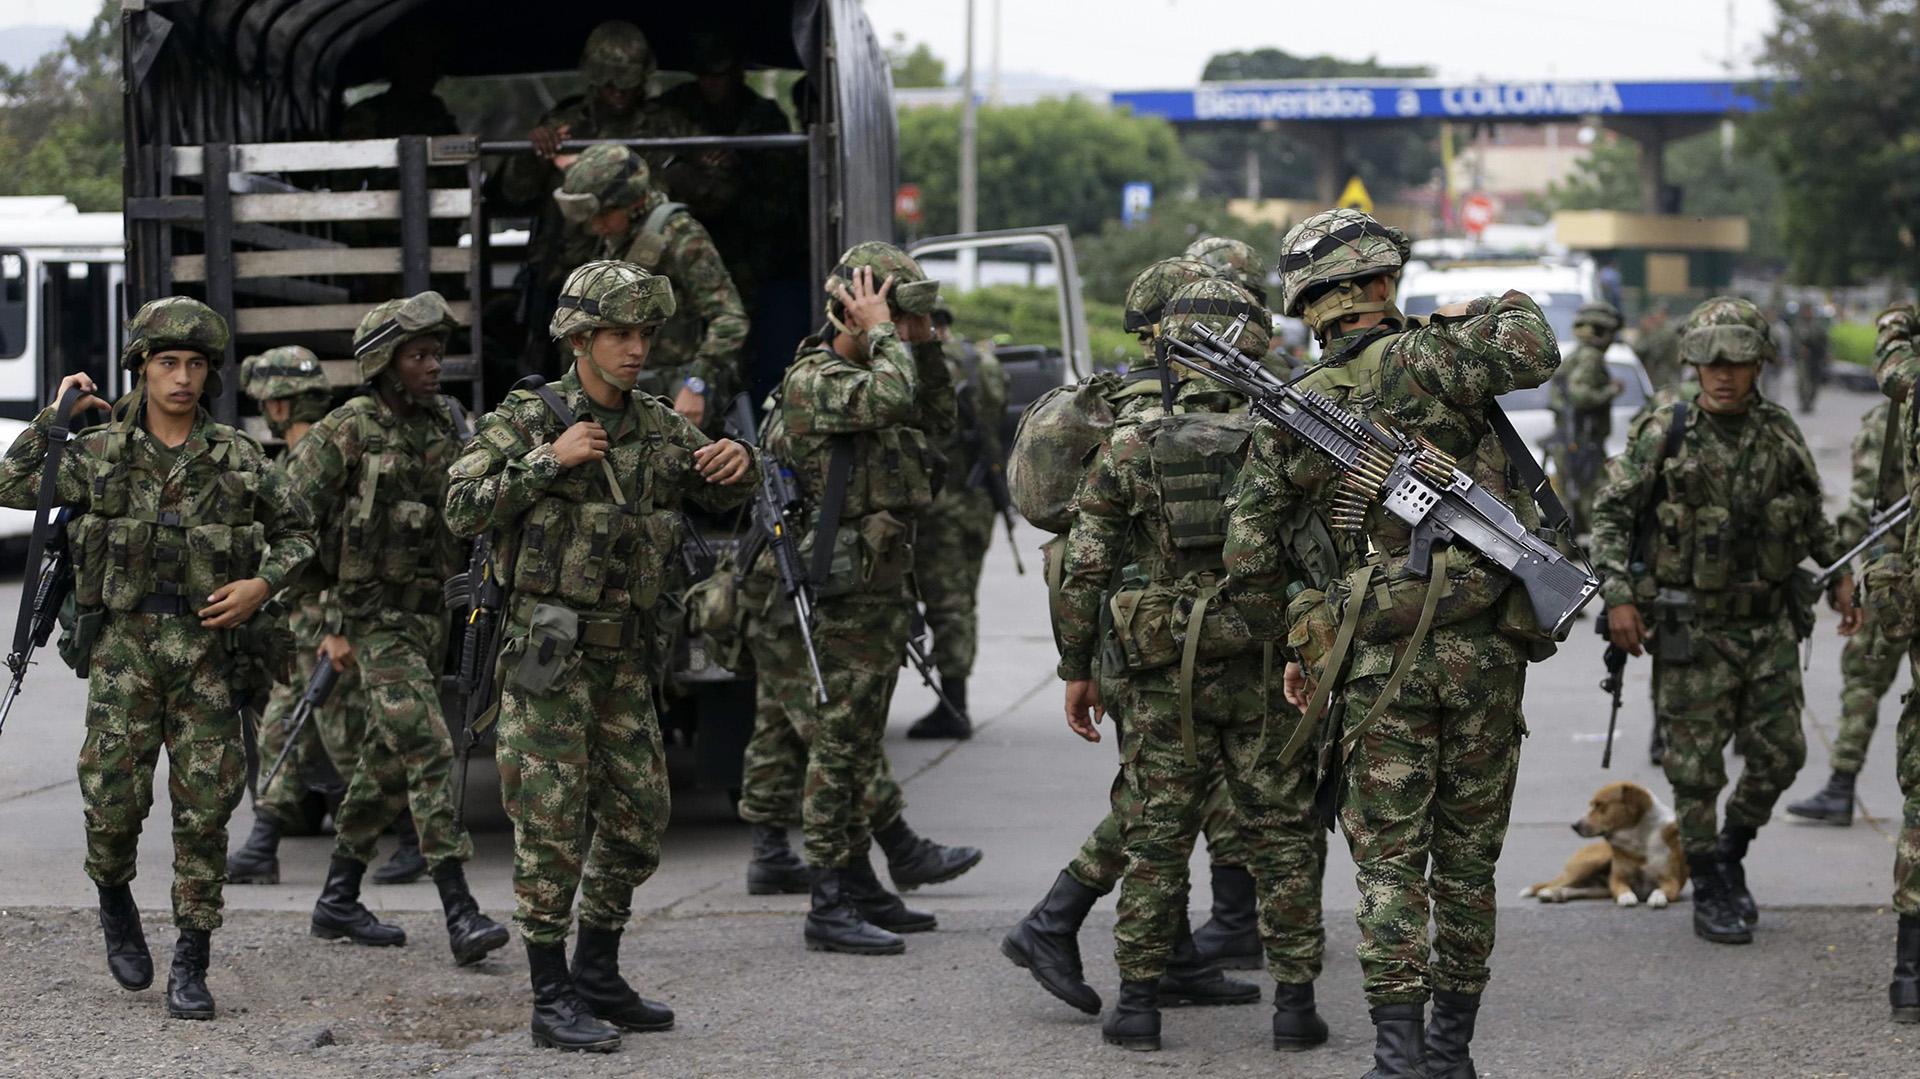 El despliegue tiene lugar tras la dura represión encarada por el régimen chavista a quienes intentaban ingresar ayuda humanitaria(AP Photo/Fernando Vergara)